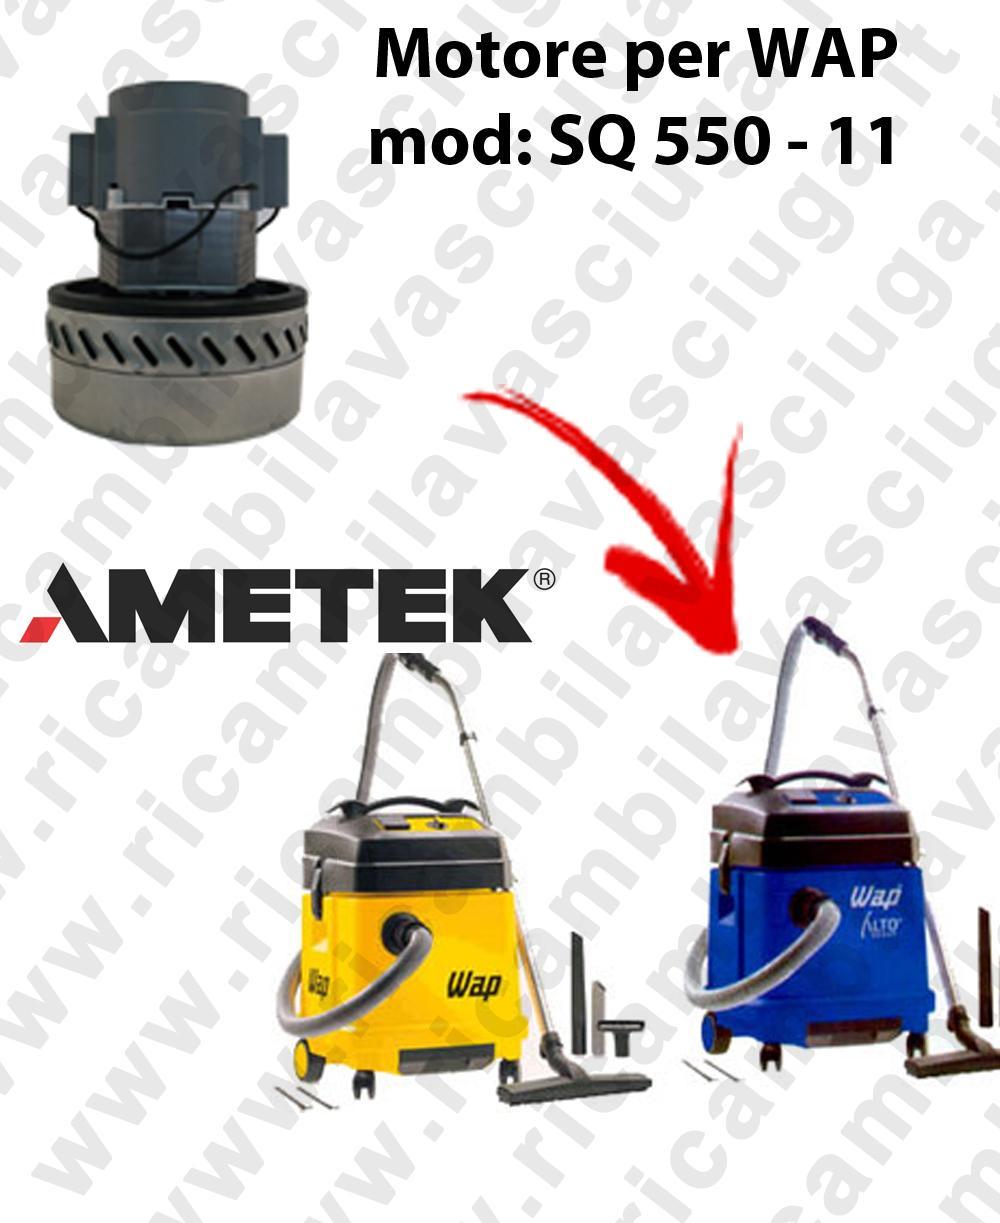 Motore aspirazione AMETEK per aspirapolvere SQ550 - 11 WAP